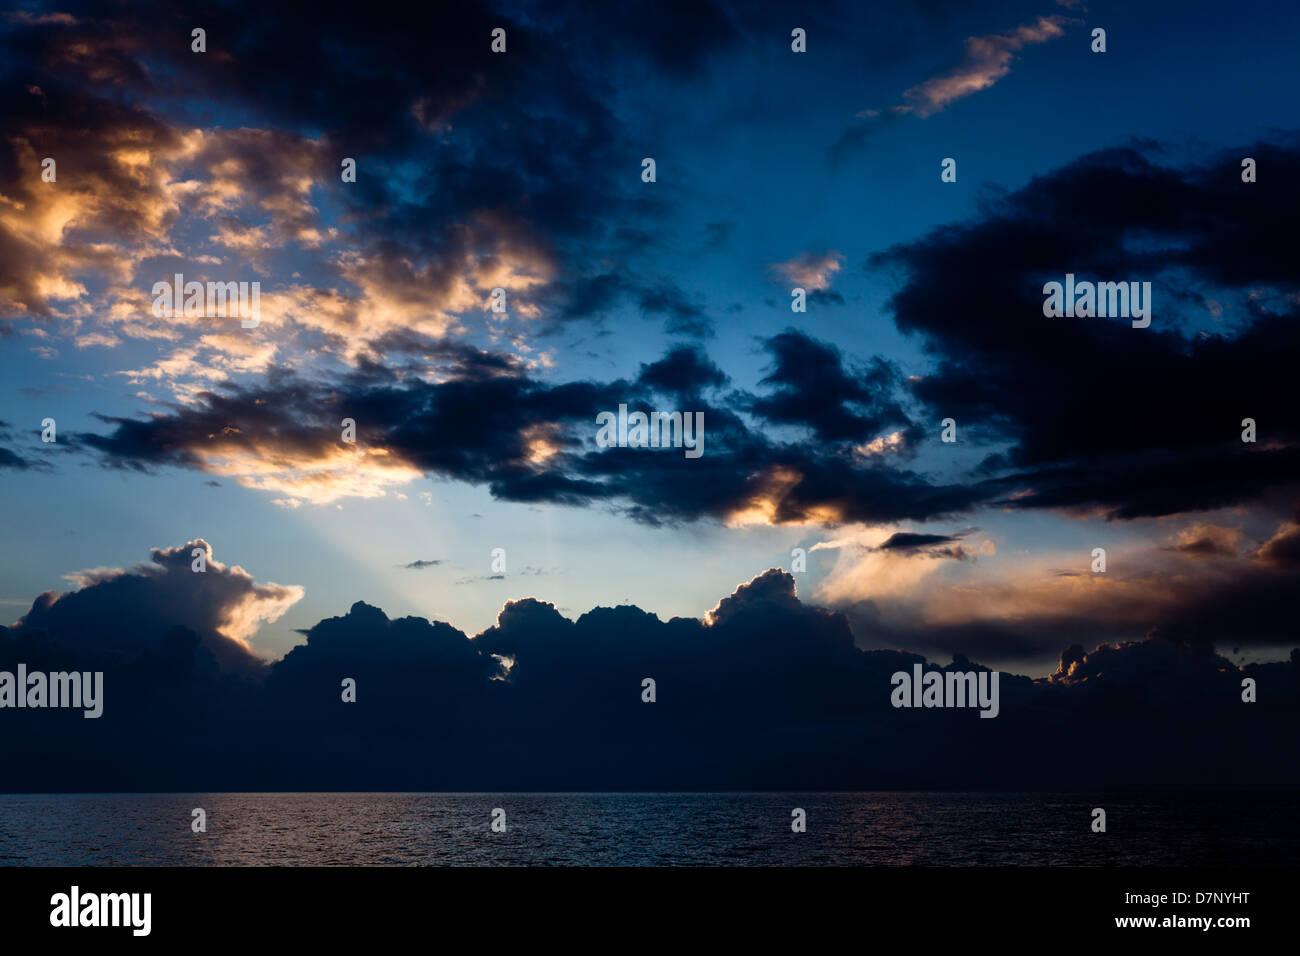 Sunrise over the Greek mainland coast, Ionian Sea off Corfu - Stock Image